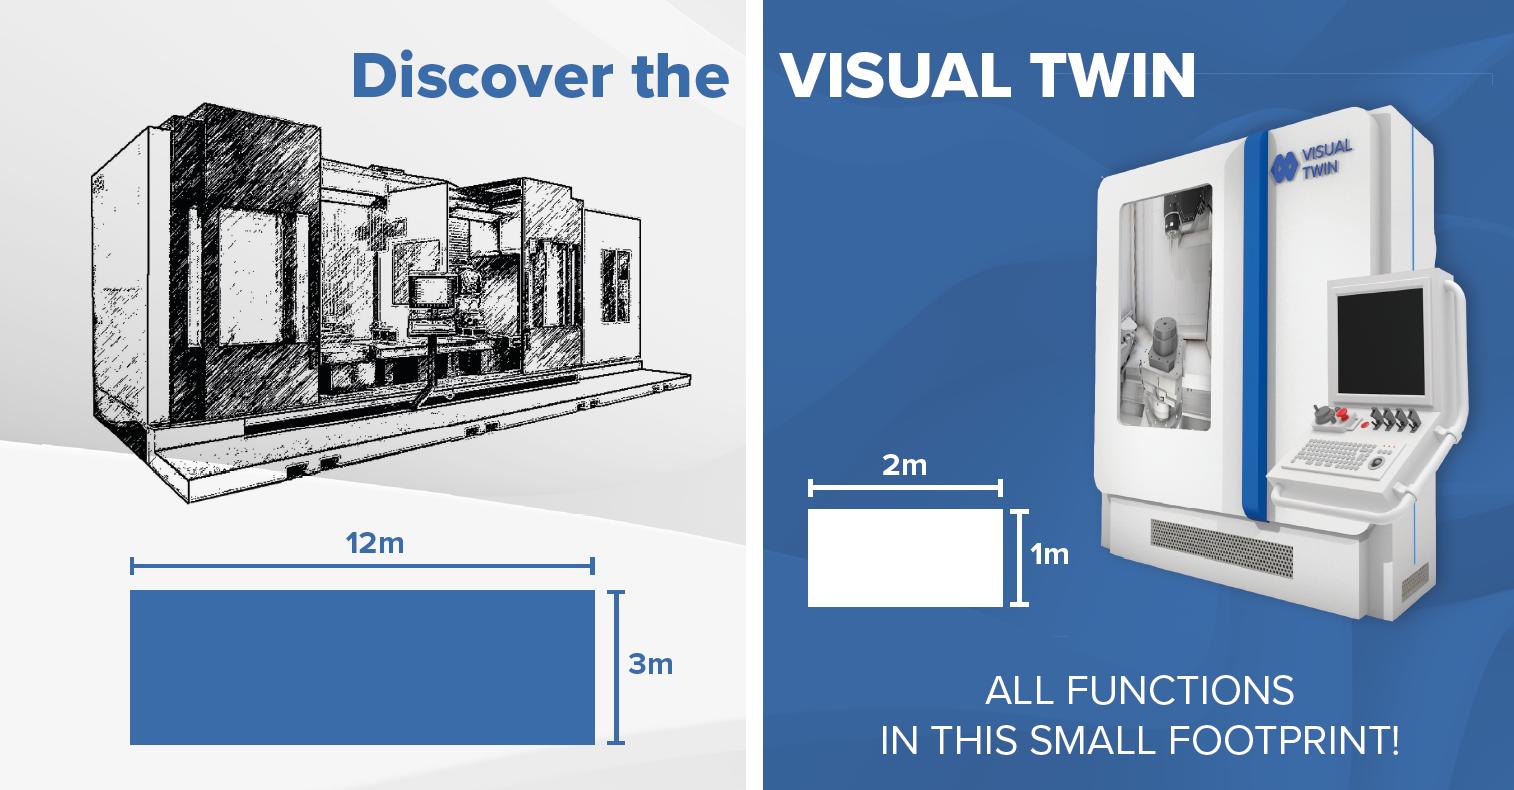 Visual Twin footprint